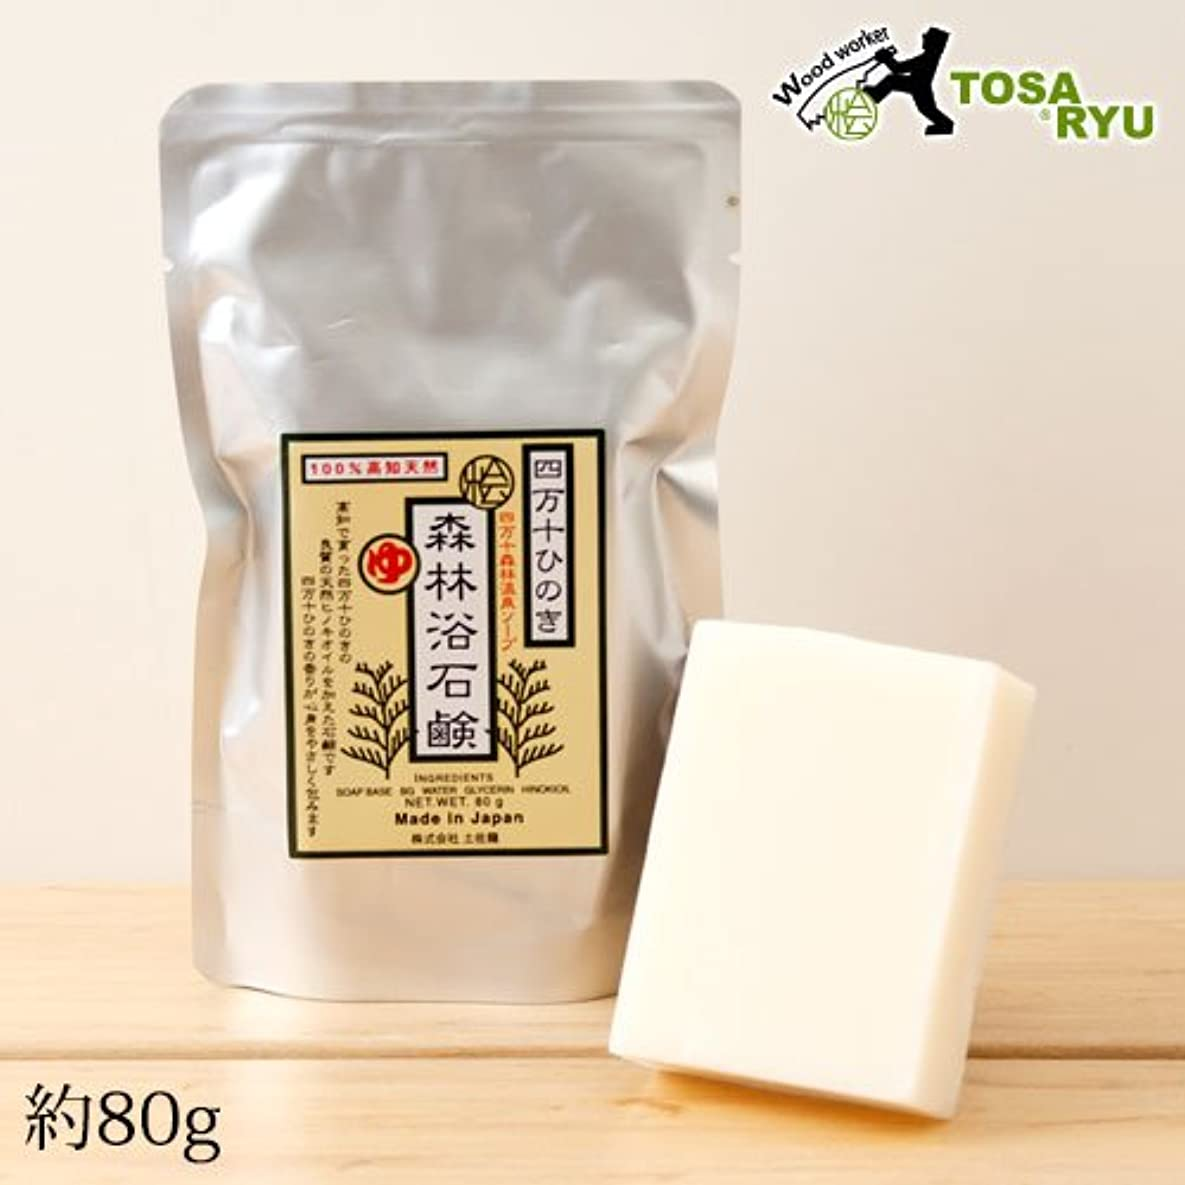 言うまでもなく周術期余計な土佐龍四万十森林温泉石鹸ひのきの香りのアロマソープ高知県の工芸品Aroma soap scent of cypress, Kochi craft